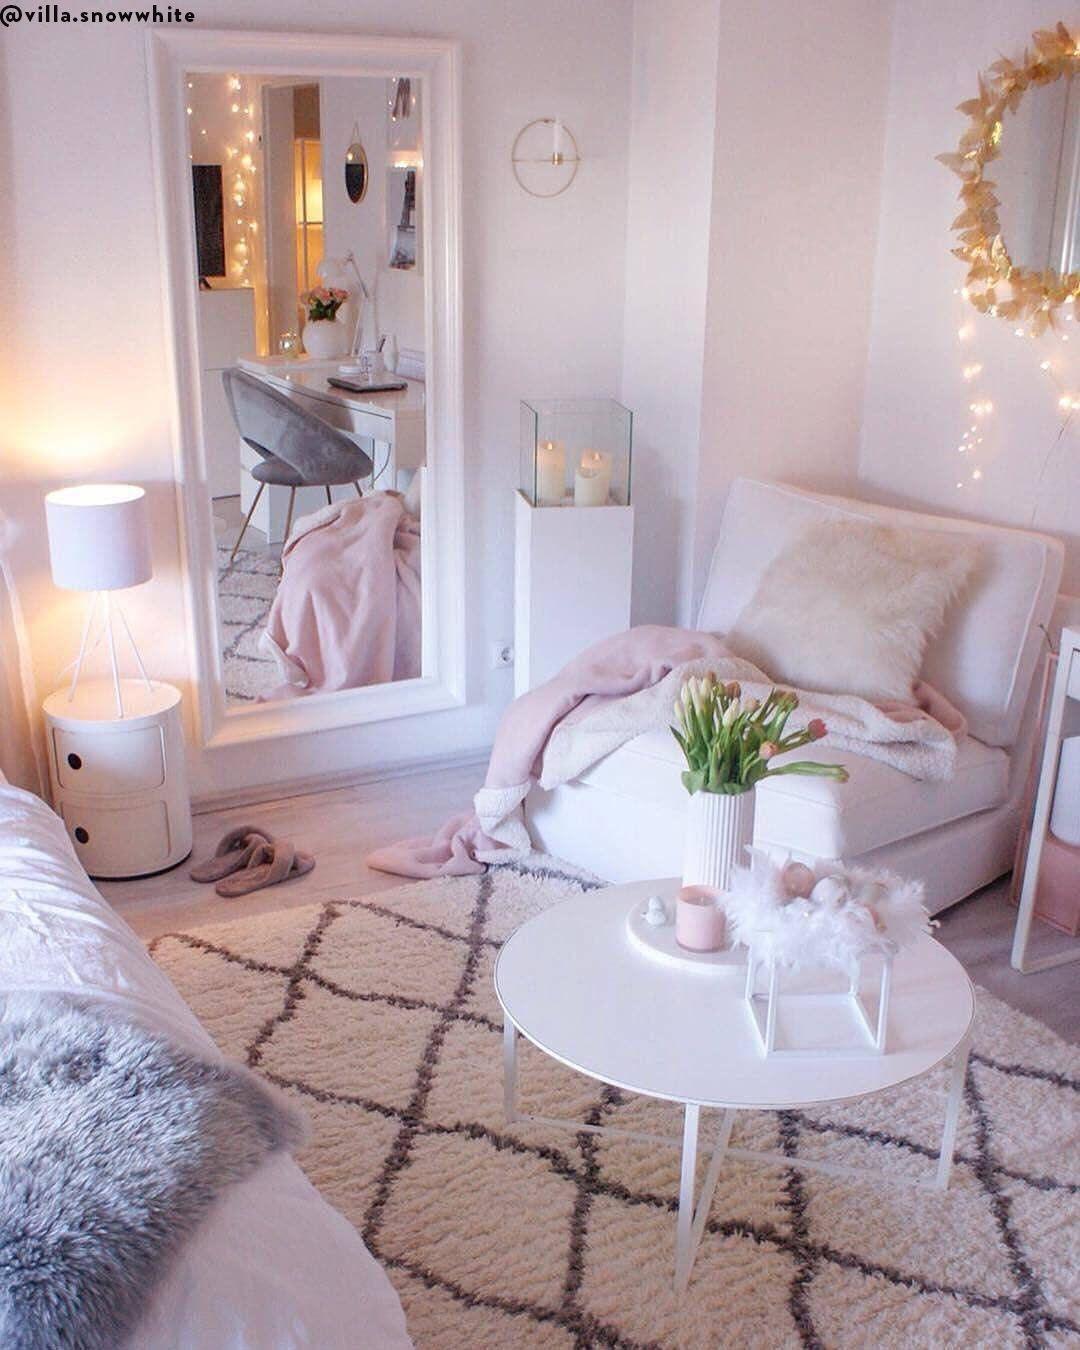 Cozy in pink! In diesem wunderschönen Schlafzimmer stimmt einfach jedes Detail. Kuschelige Felle, stimmungsvolle Lichterketten, frische Blumen, Rosa Akzente, sowie Design-Klassiker wie der Container Componibile sorgen für einen Look zum Verlieben!